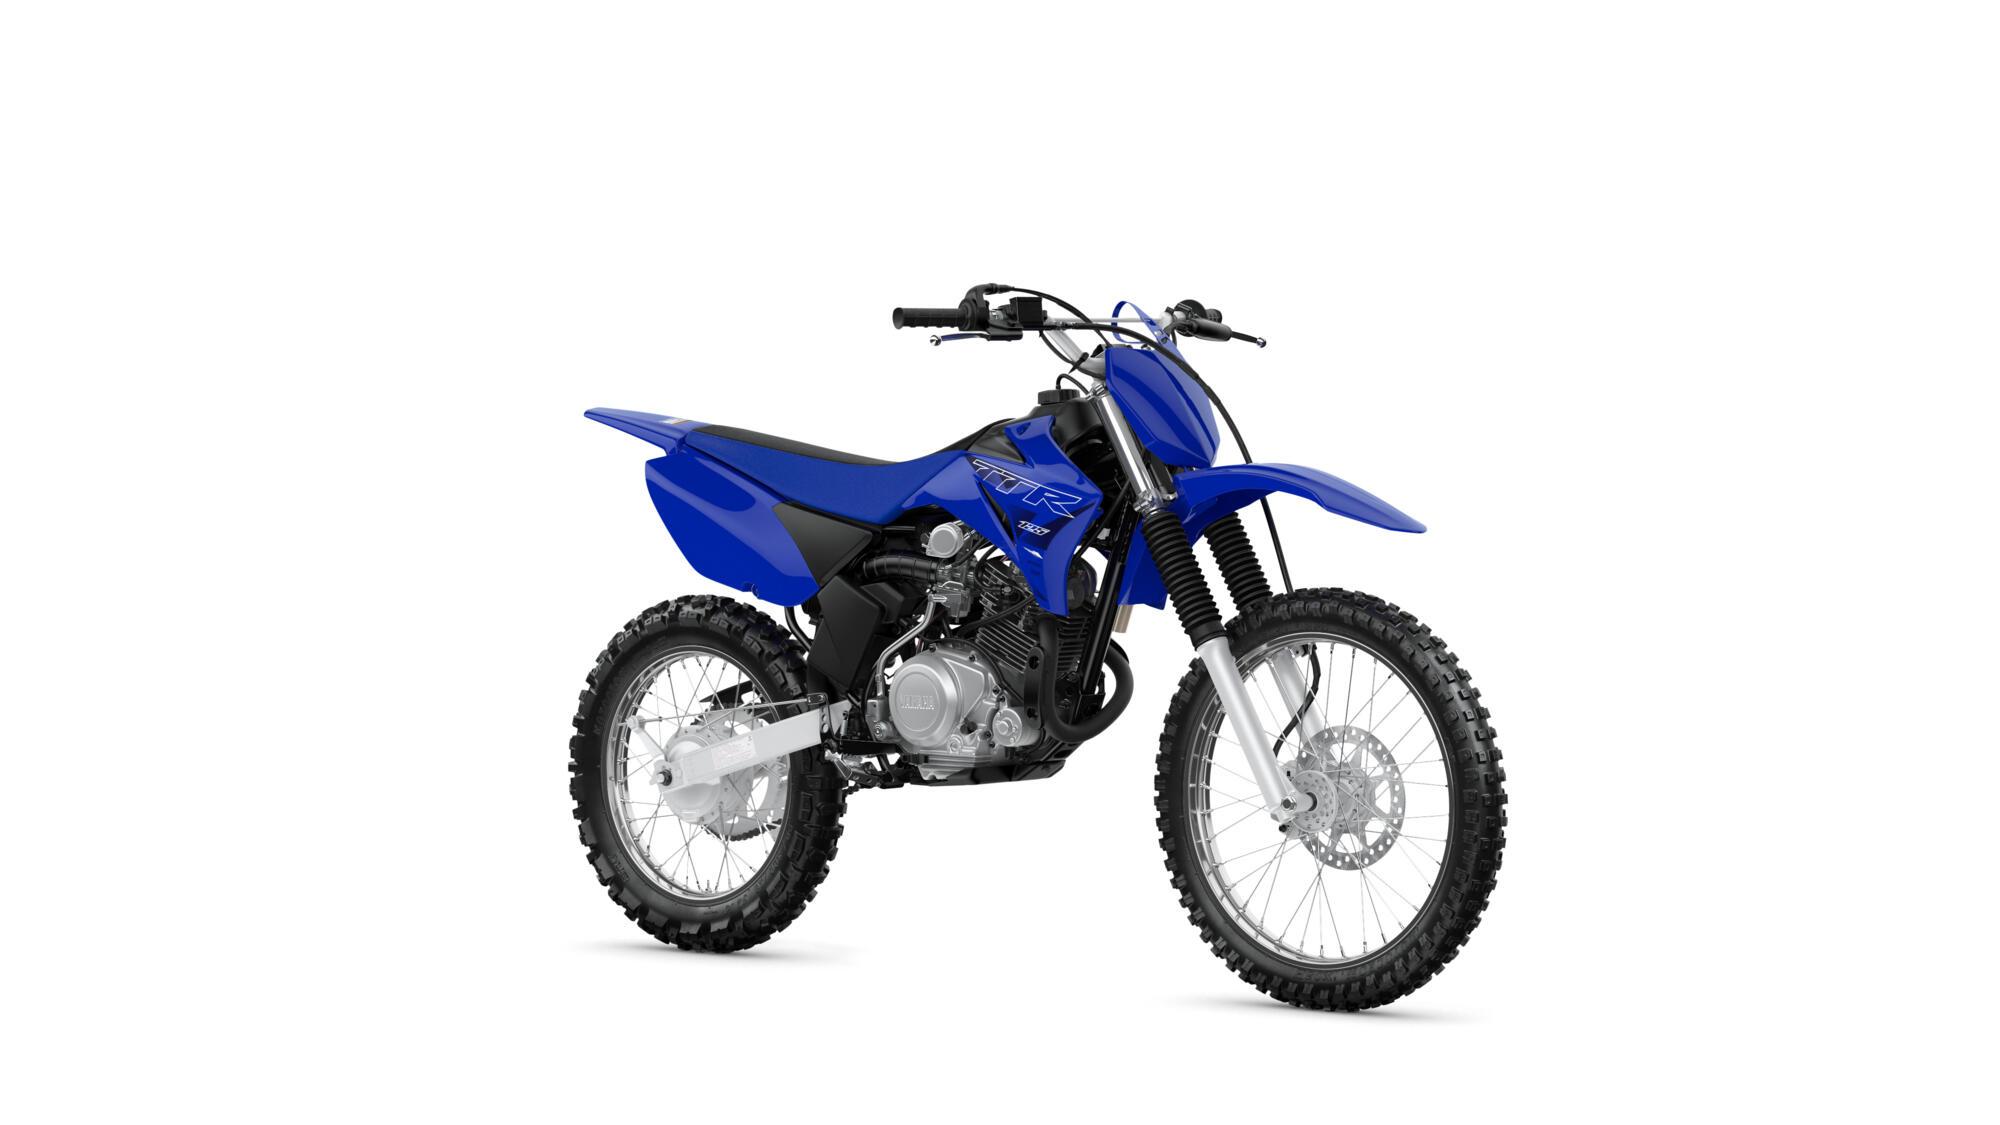 TT-R125 2022